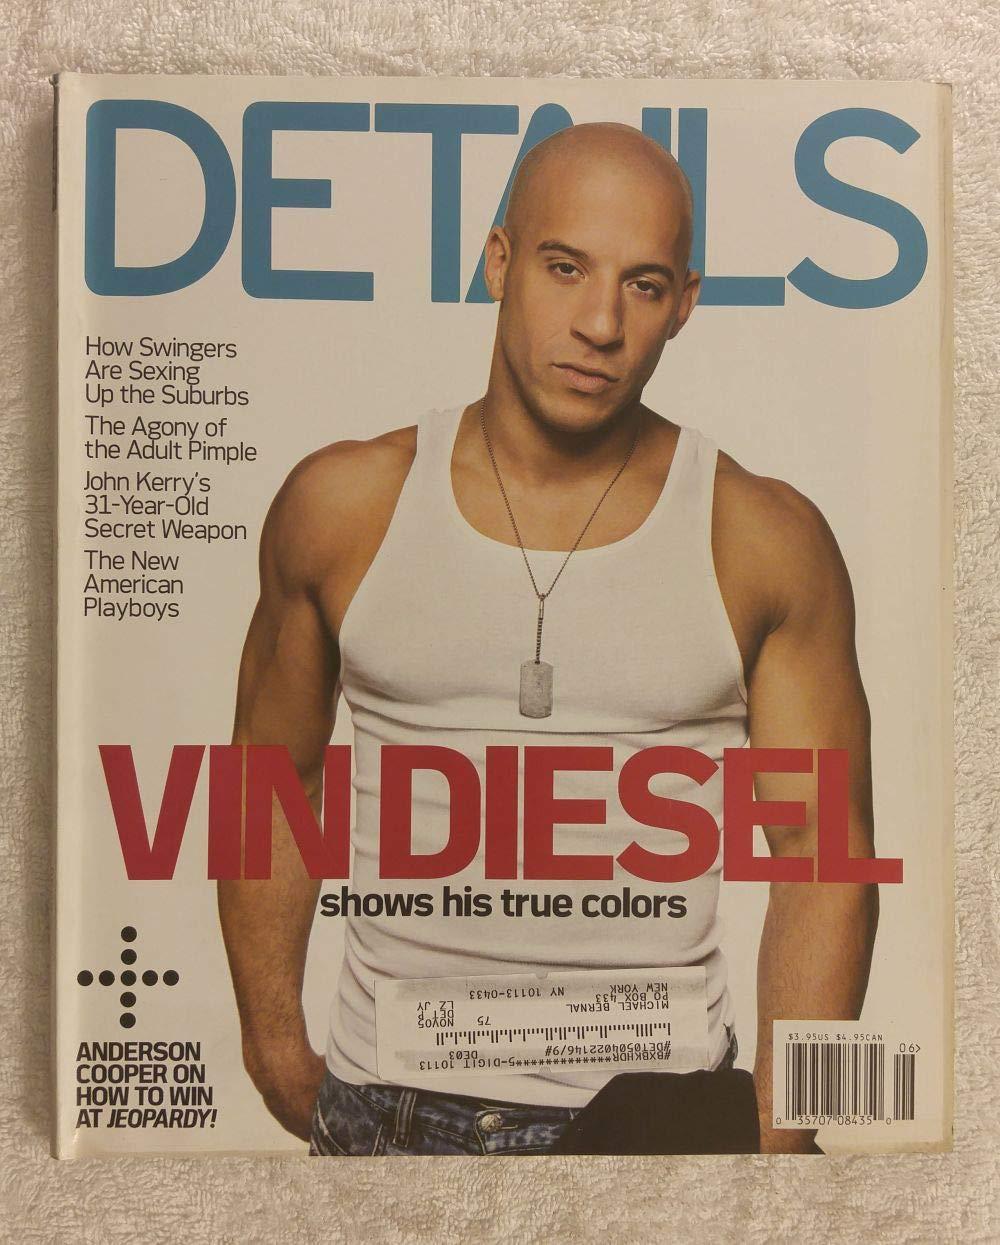 Vin Diesel - Shows His True Colors - Details Magazine - June